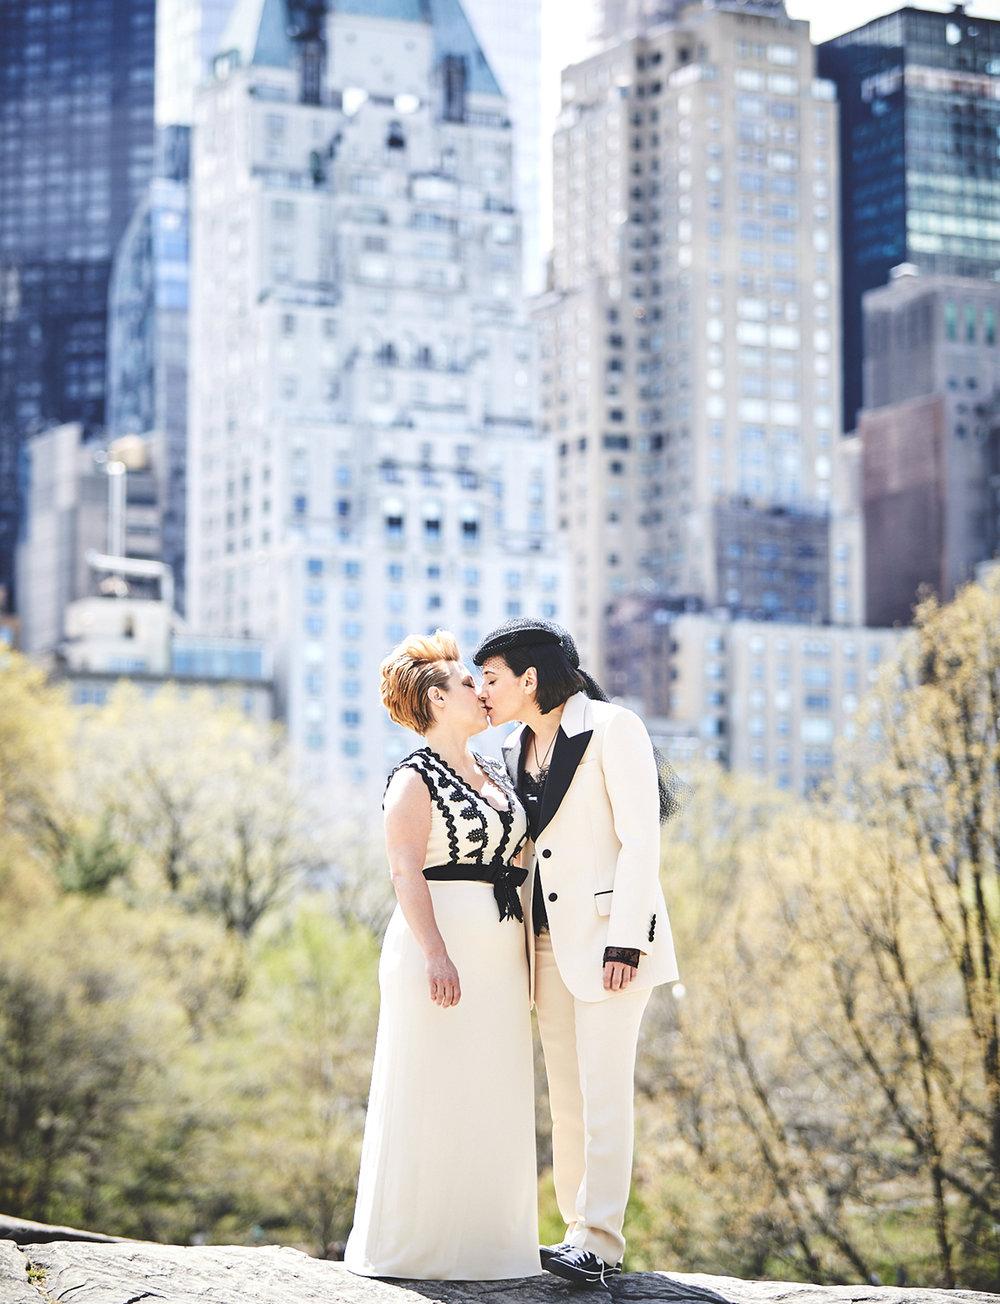 170423-SameSexWedding-GayWedding-LesbianWedding-CentralParkWedding-TheDanielWeddingPhotography_By_BriJohnsonWeddings_0029.jpg